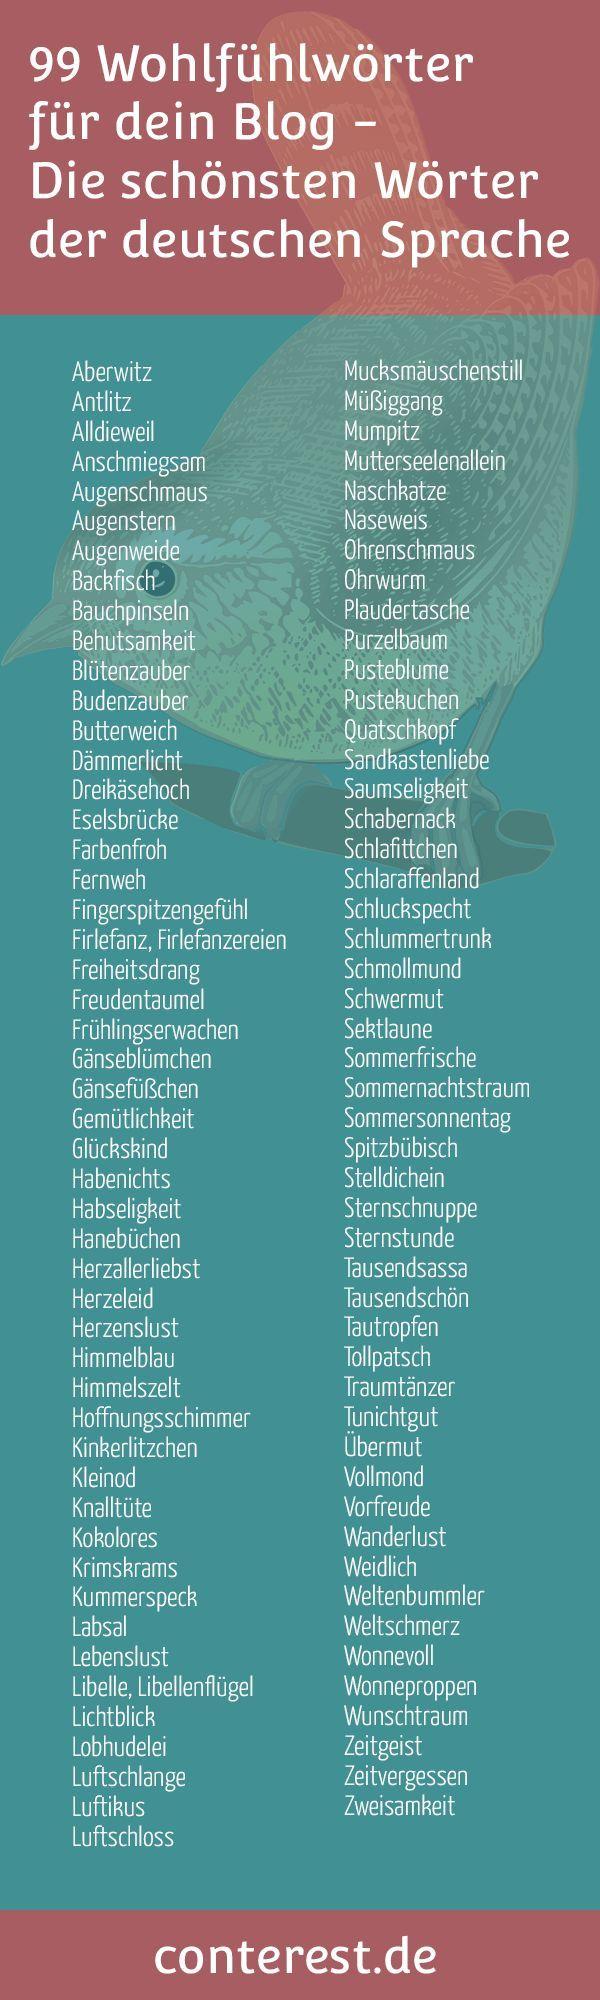 99 Wohlfühlwörter — Die schönsten Wörter der deutschen Sprache #circus